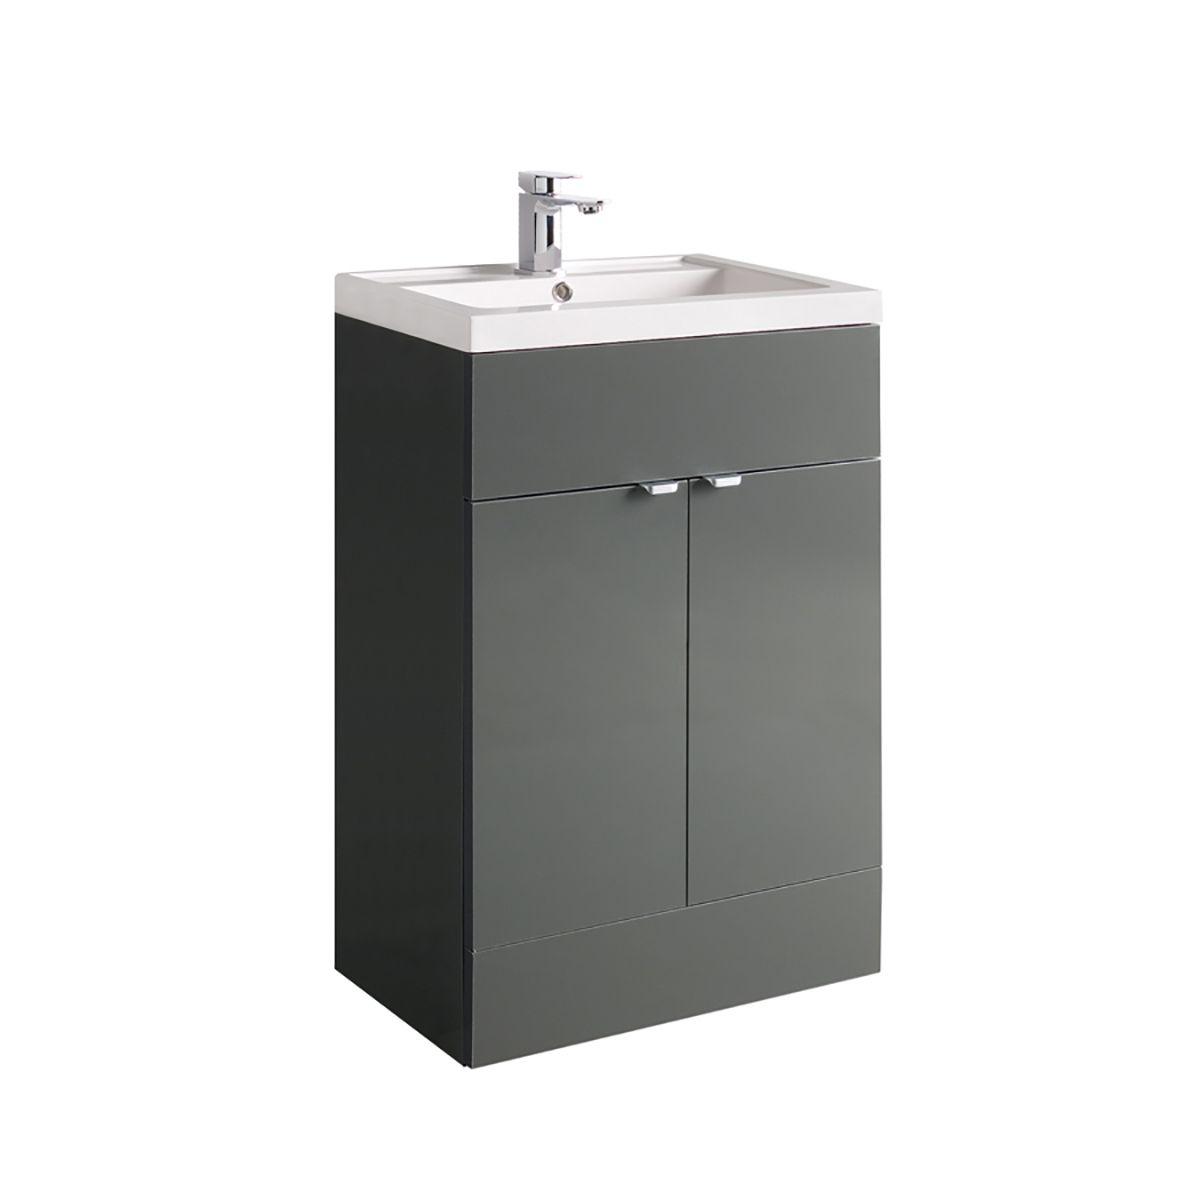 Bathroom Sink Vanity Unit 500mm Image